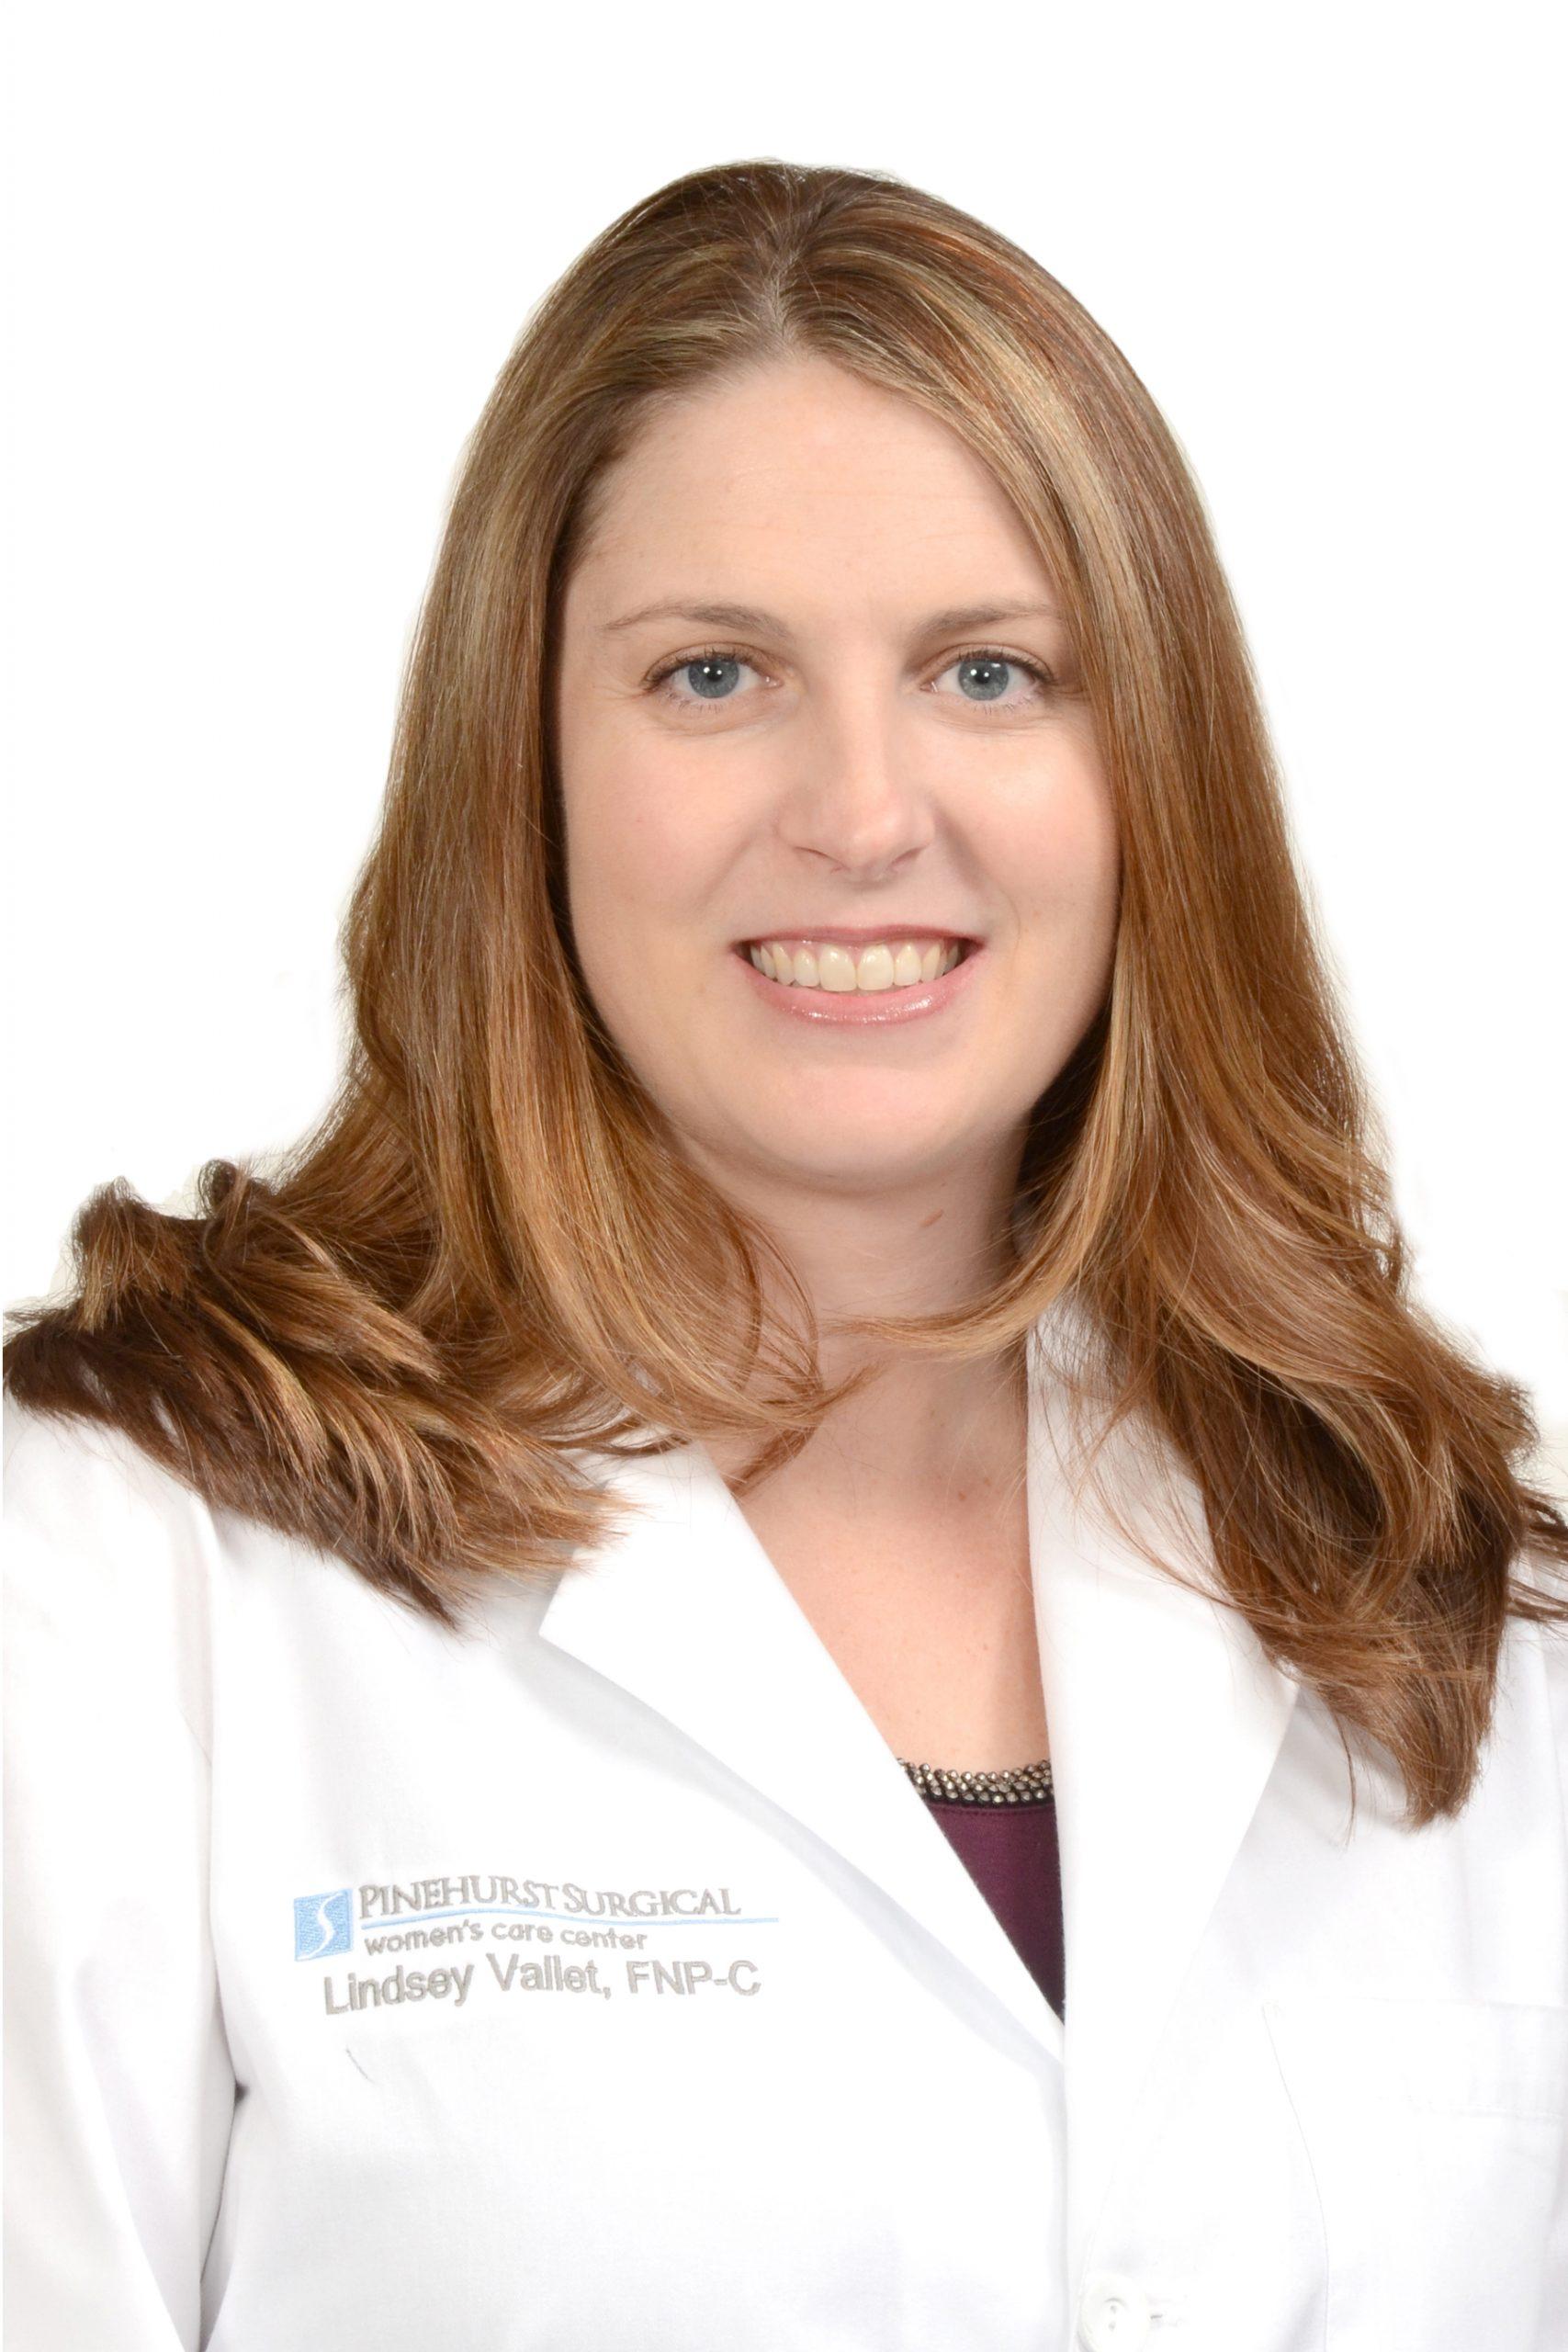 Lindsey Vallet Women's Comprehensive Health